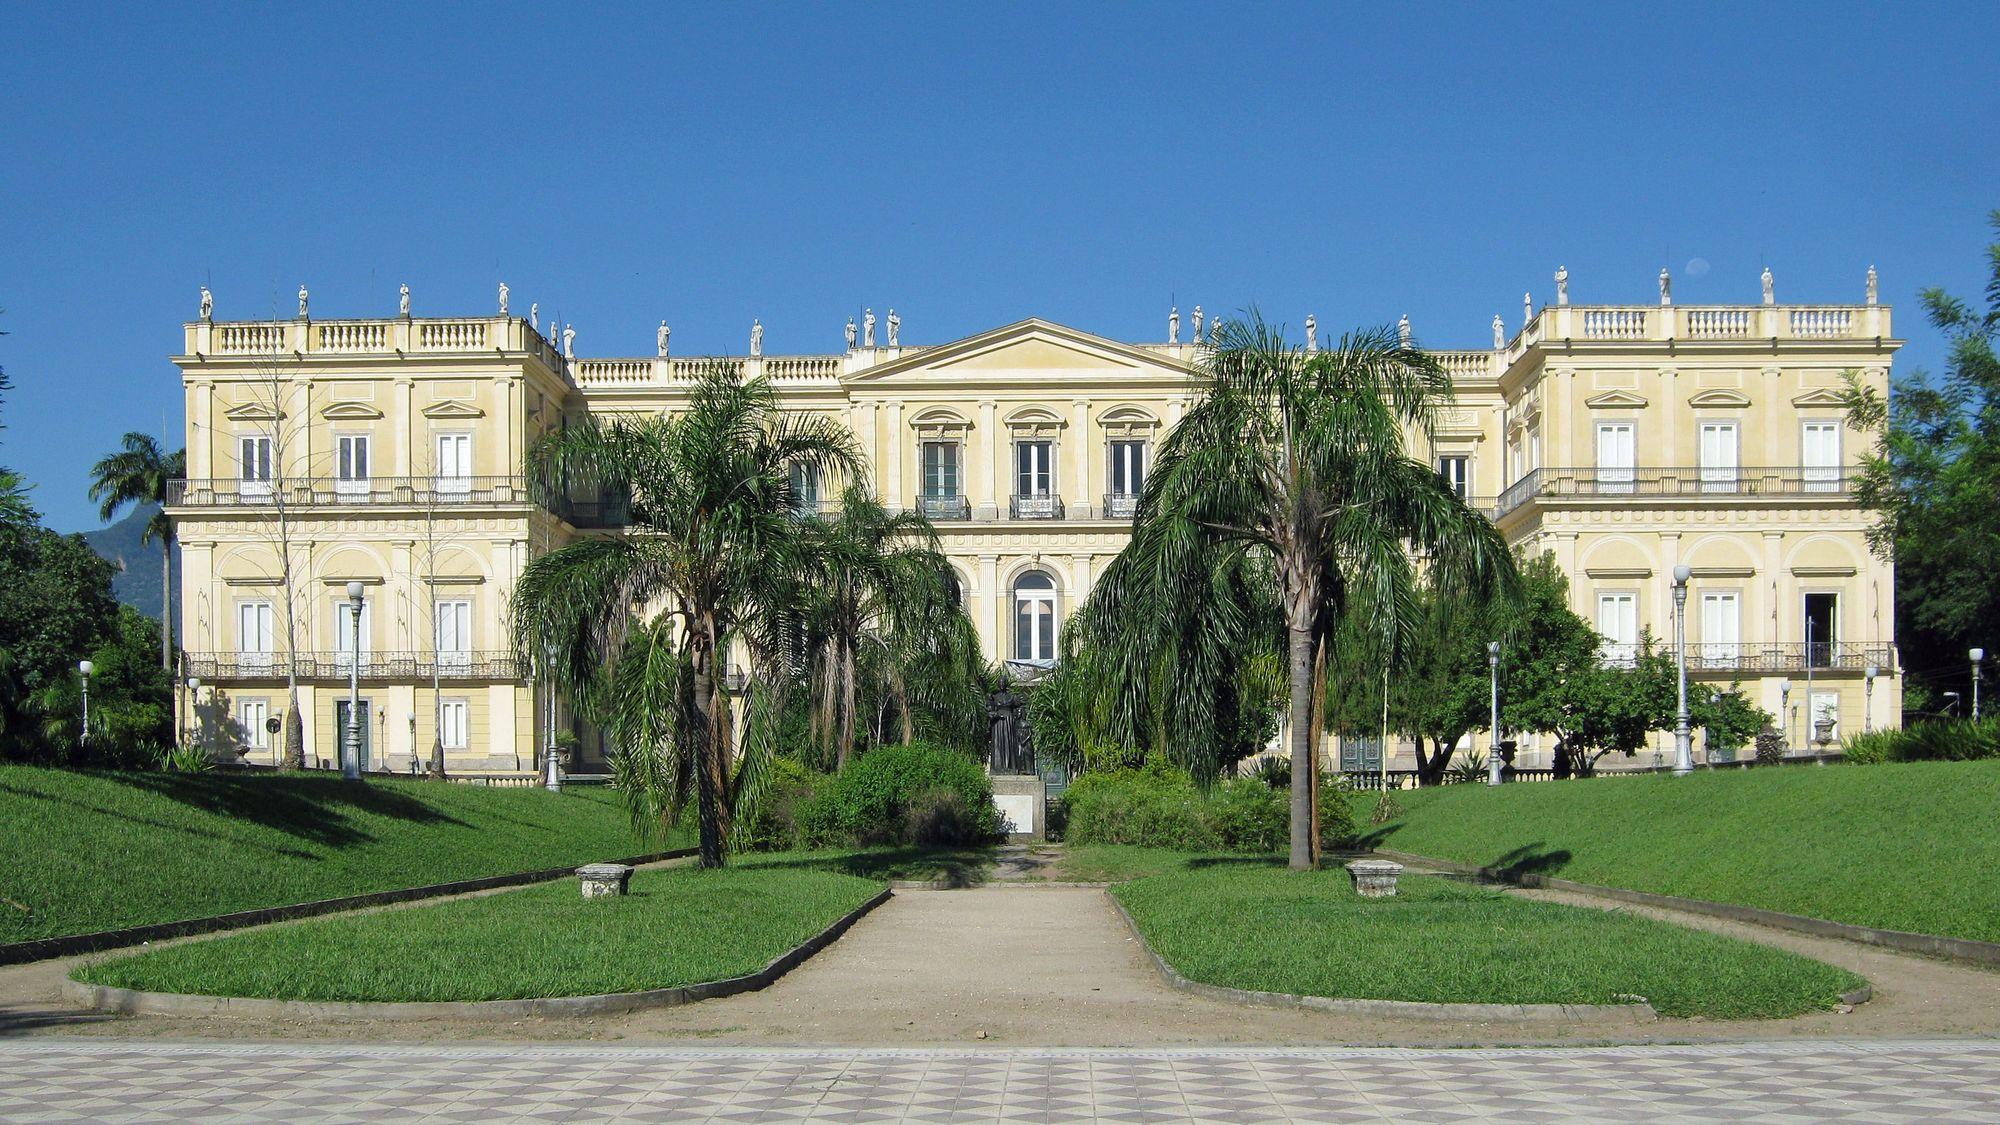 9-musee-historique-activites-rio-janeiro-echange-de-maison